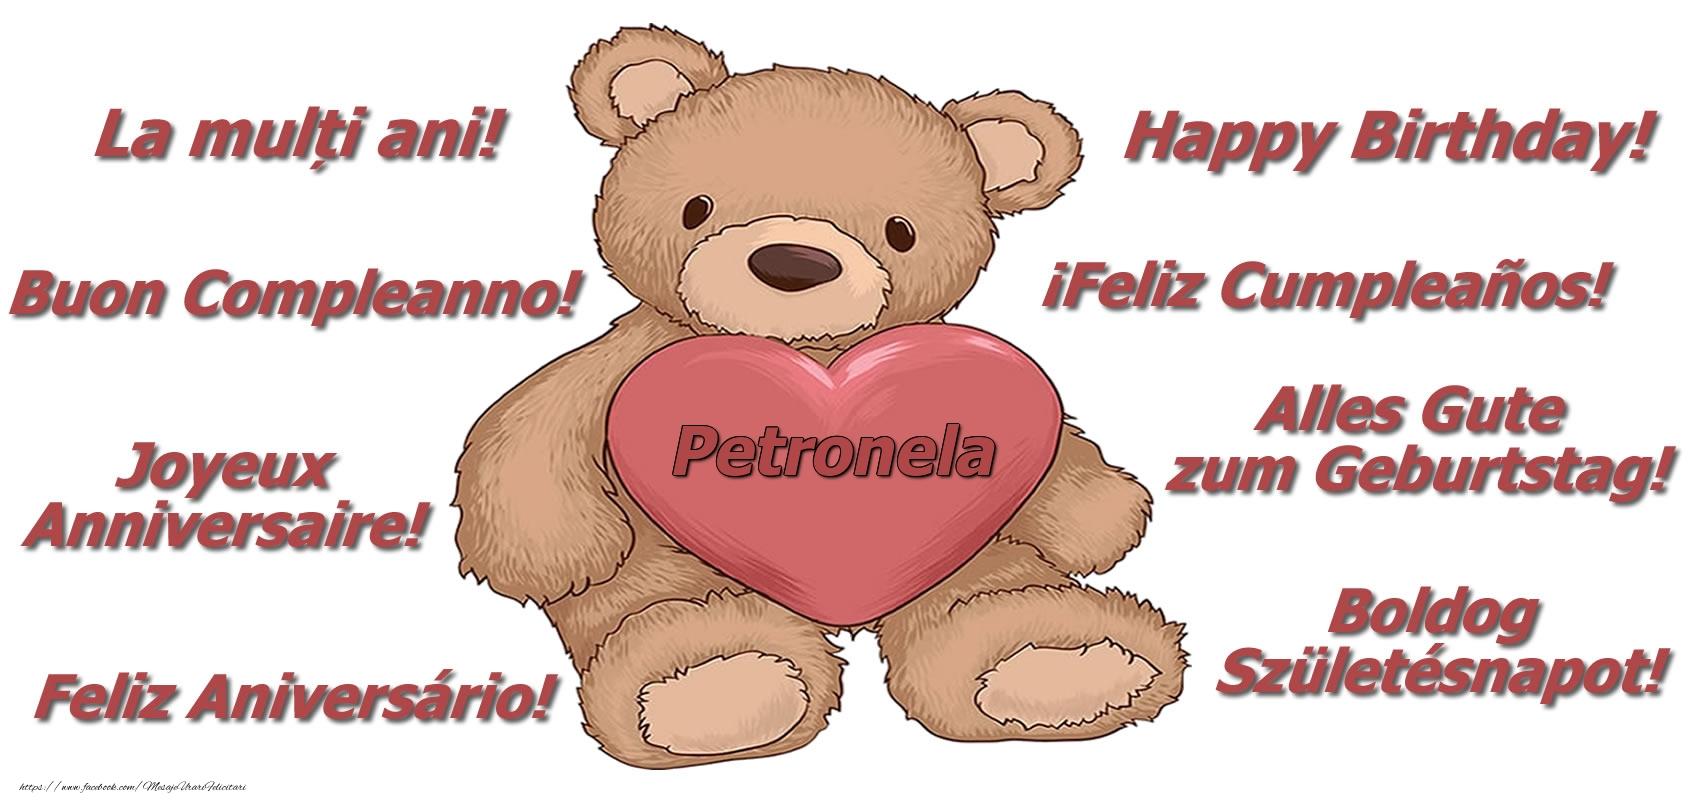 Felicitari de zi de nastere - La multi ani Petronela! - Ursulet